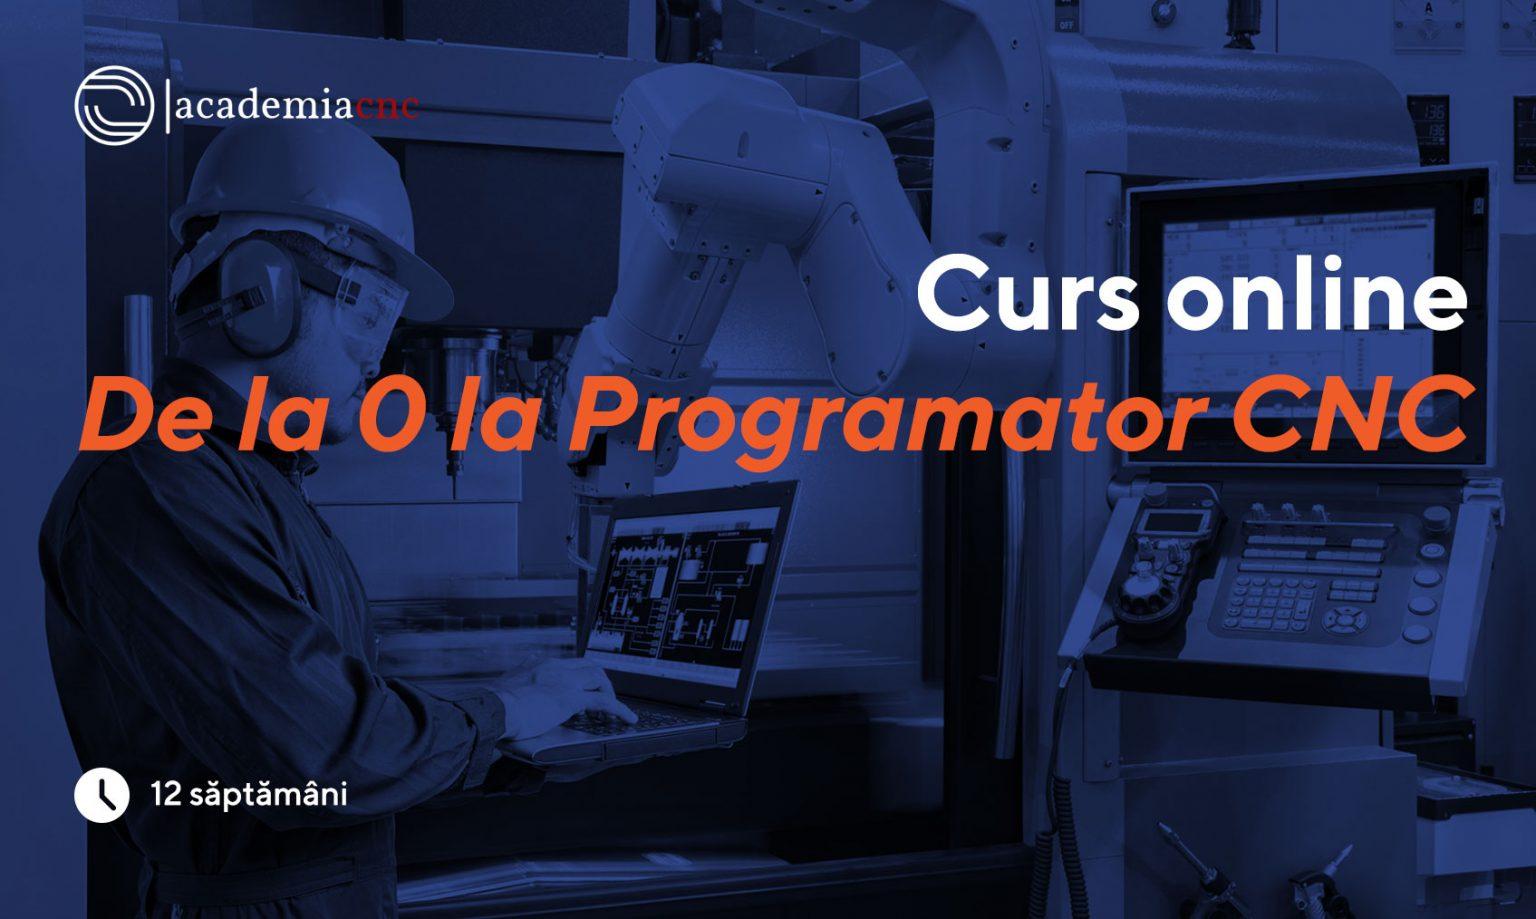 Programare-1536×919